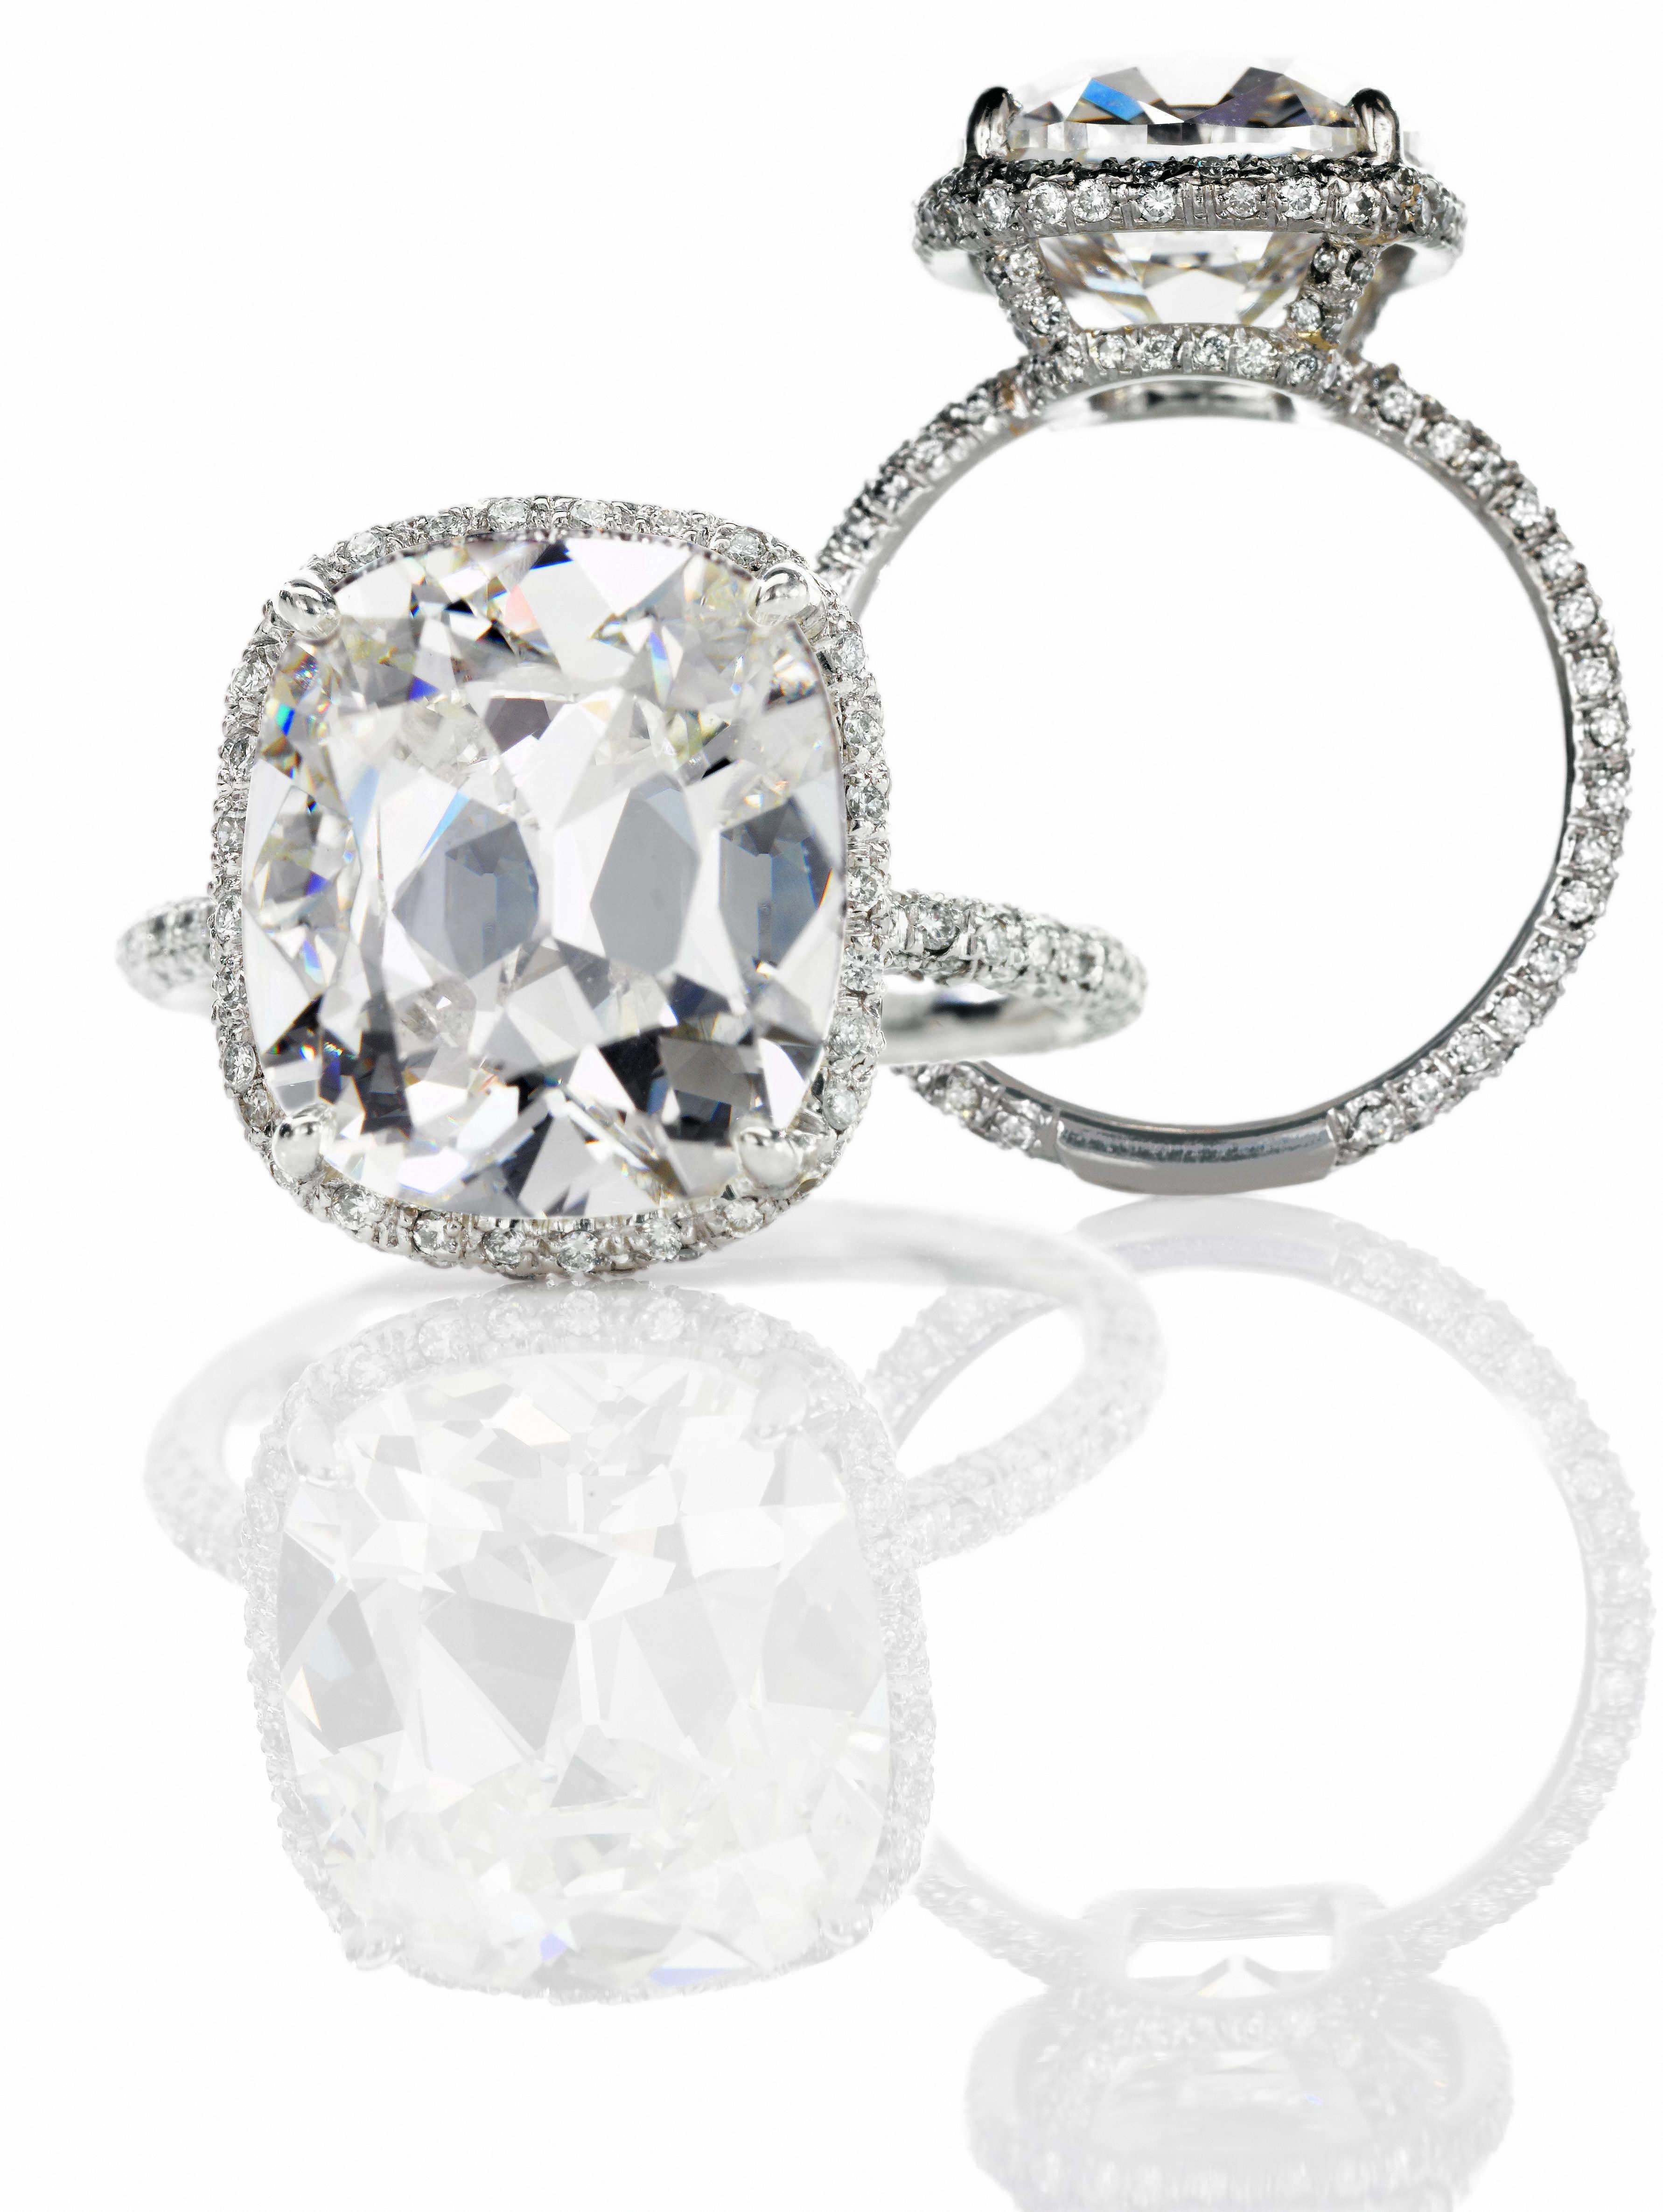 Cushion cut center stone tiny micro pave halo diamonds around